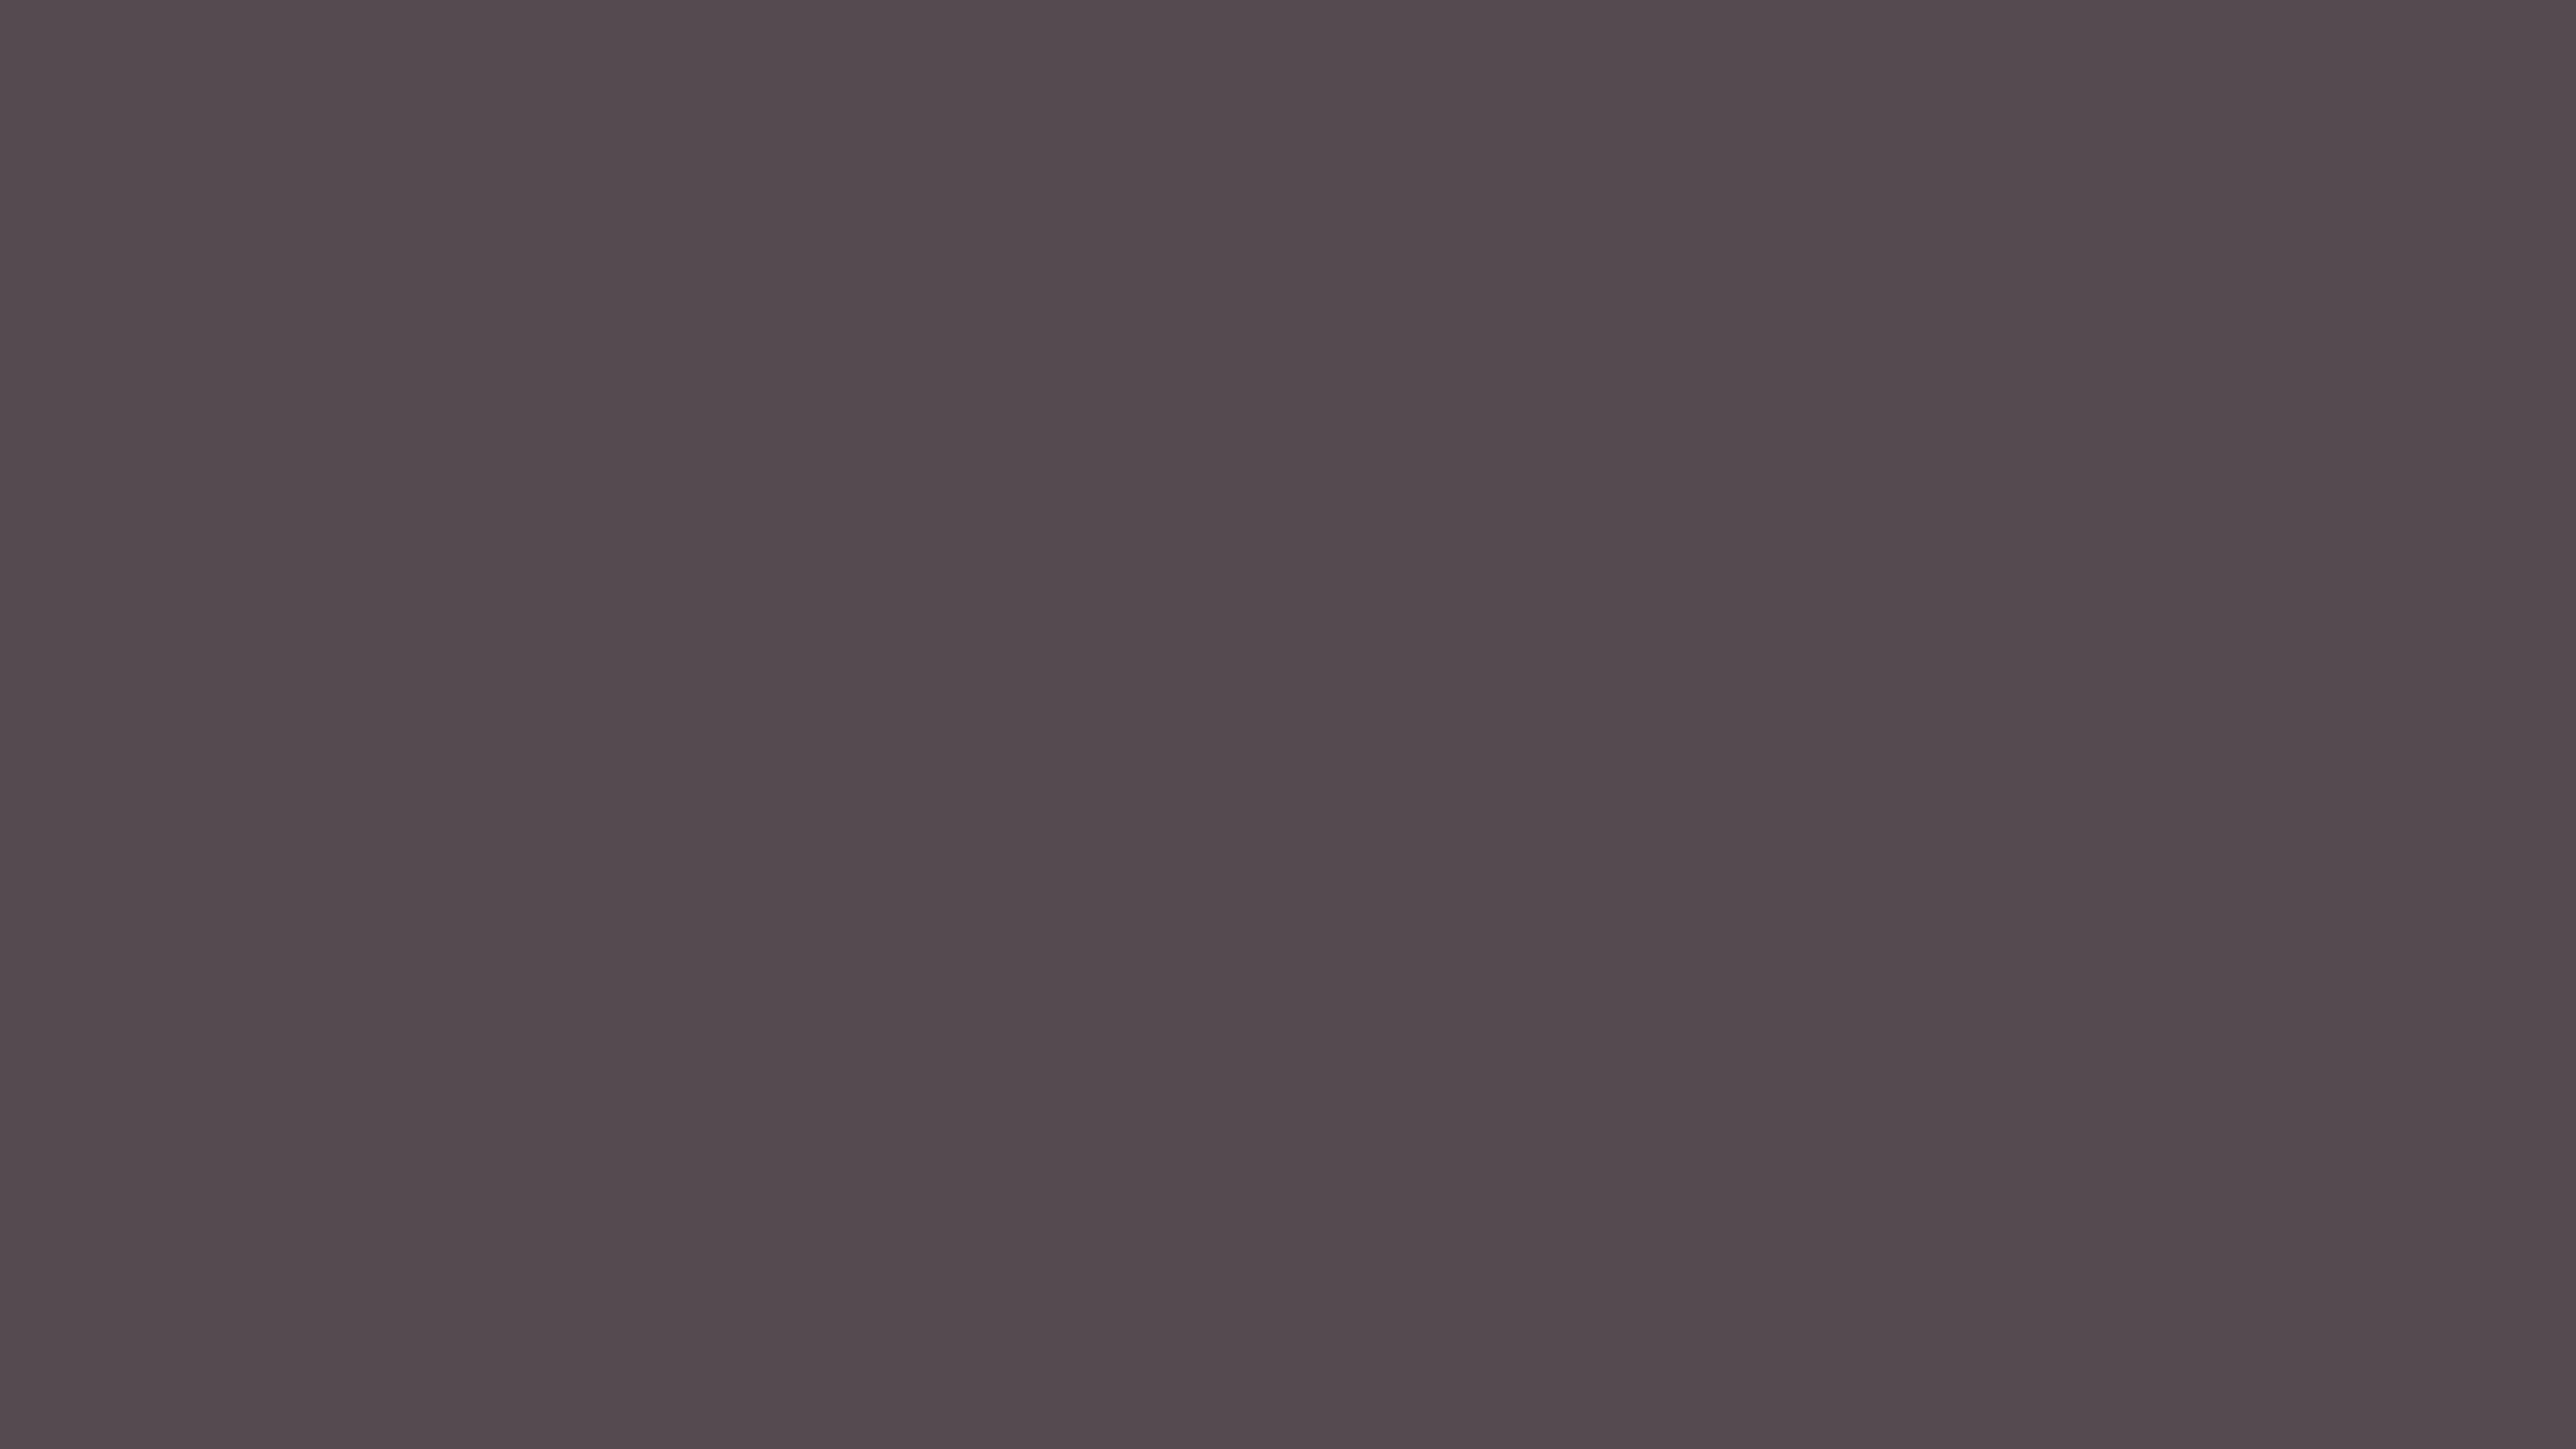 7680x4320 Dark Liver Solid Color Background